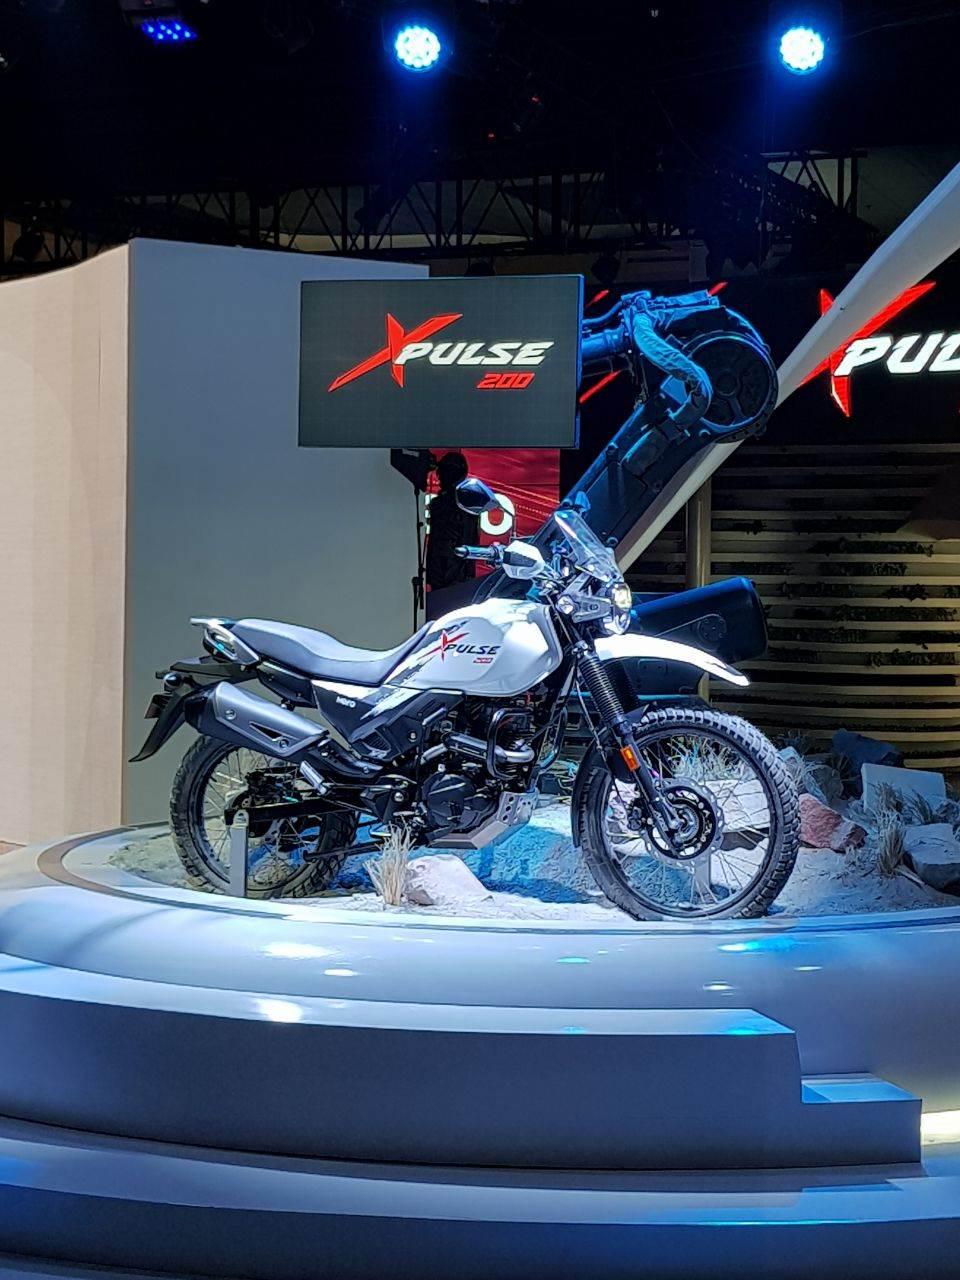 Hero showcases XPulse 200 at Auto Expo 2018